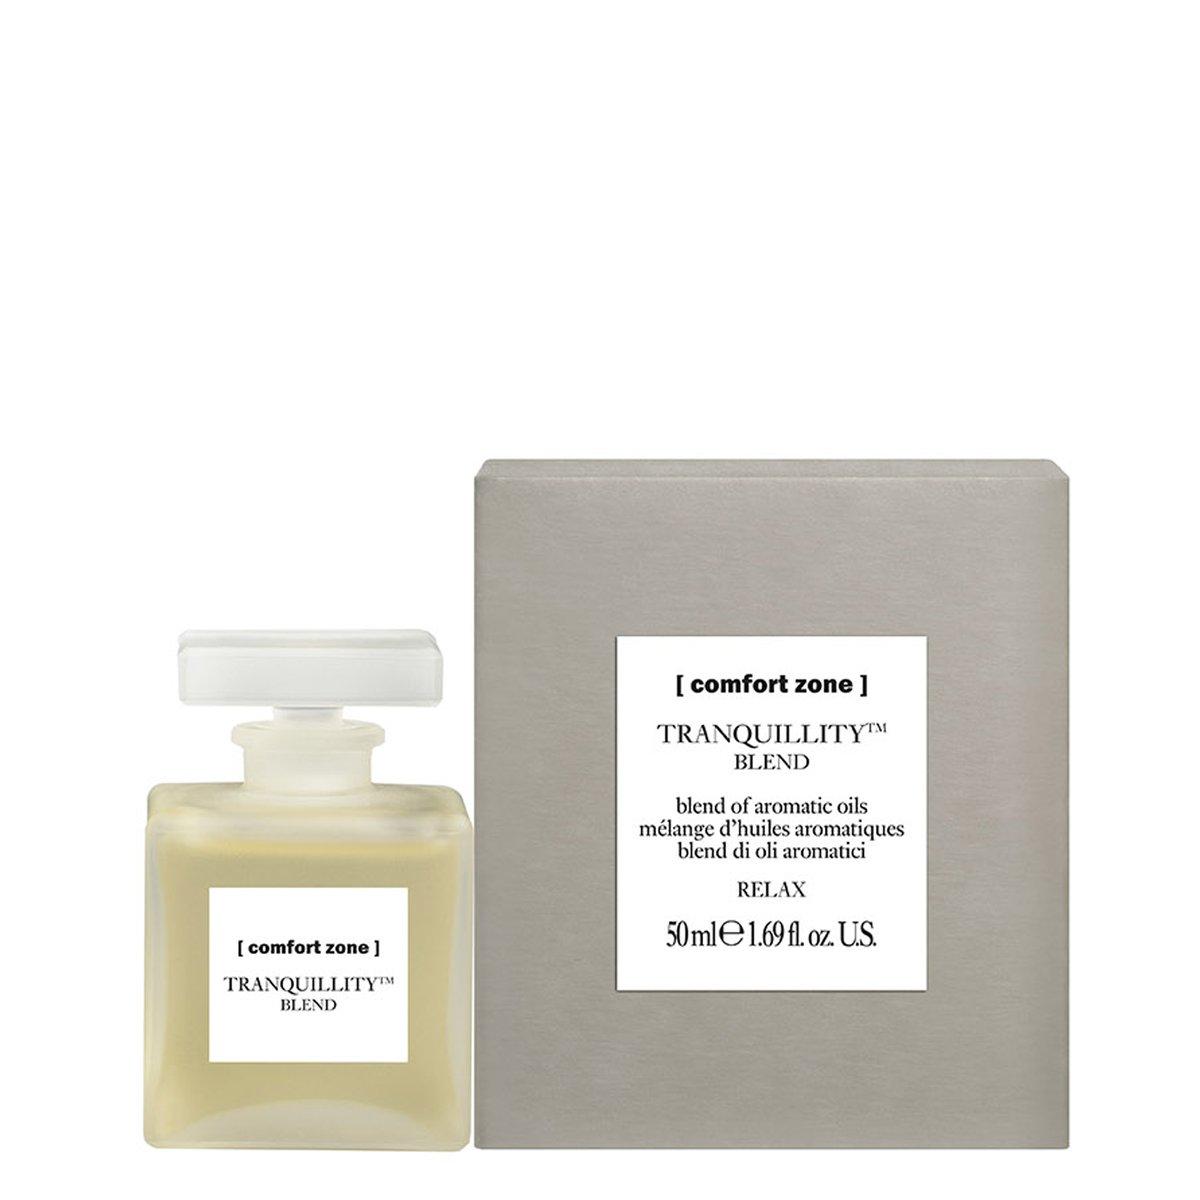 TRANQUILLITY BLEND - Mischung aus aromatischen Ölen